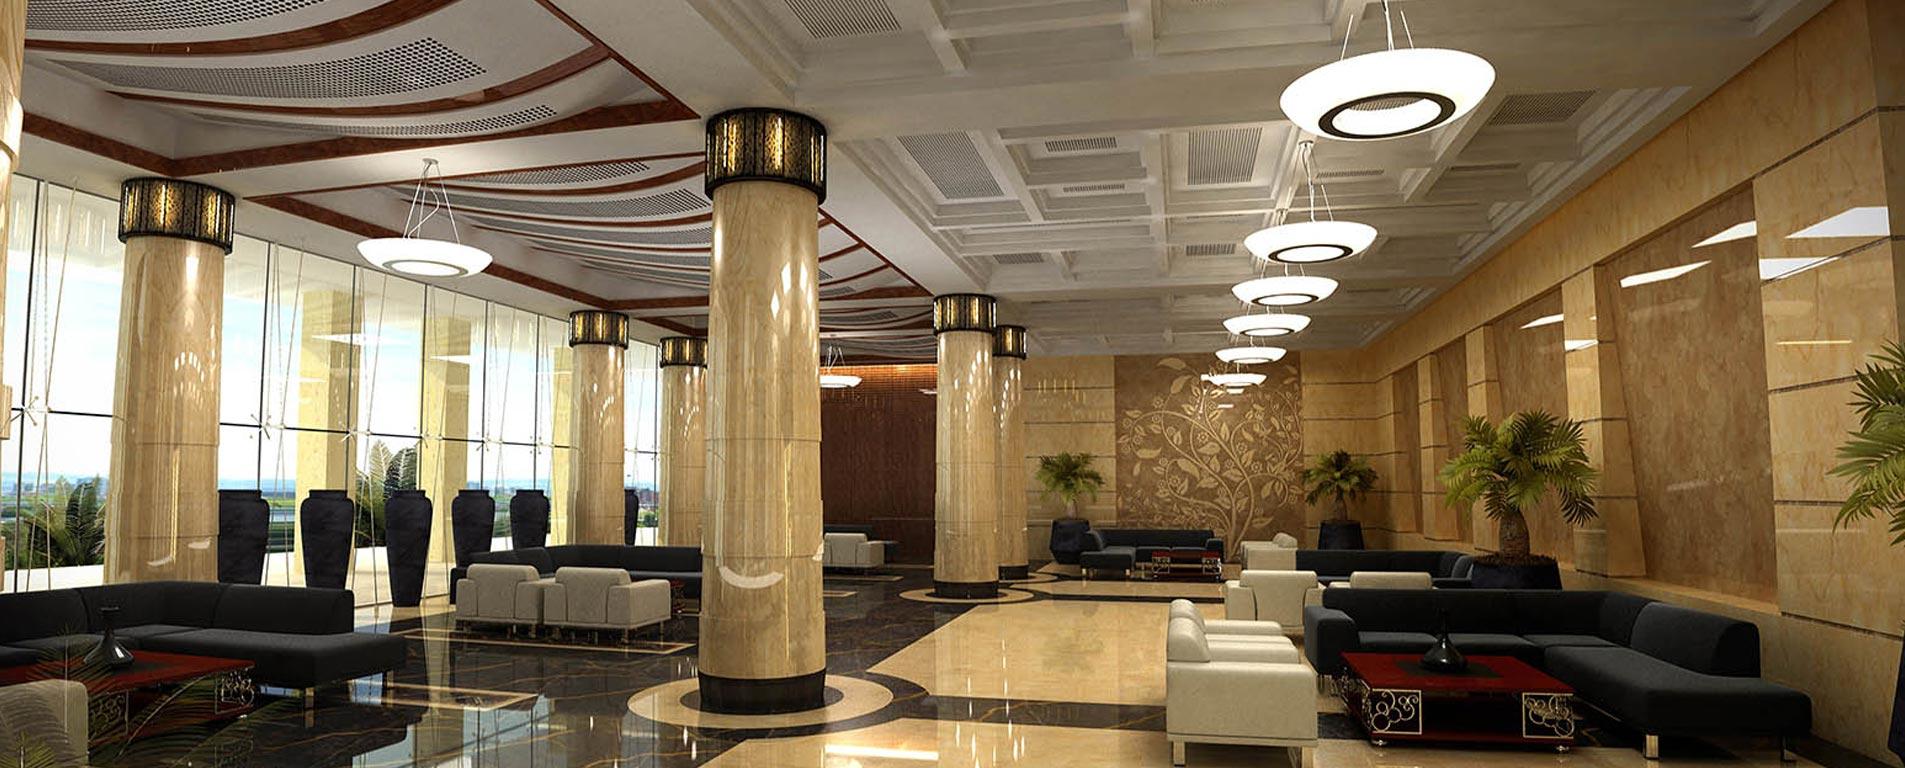 هتل های قشم ، یک استراحت رویایی در جزیرهی کاوان